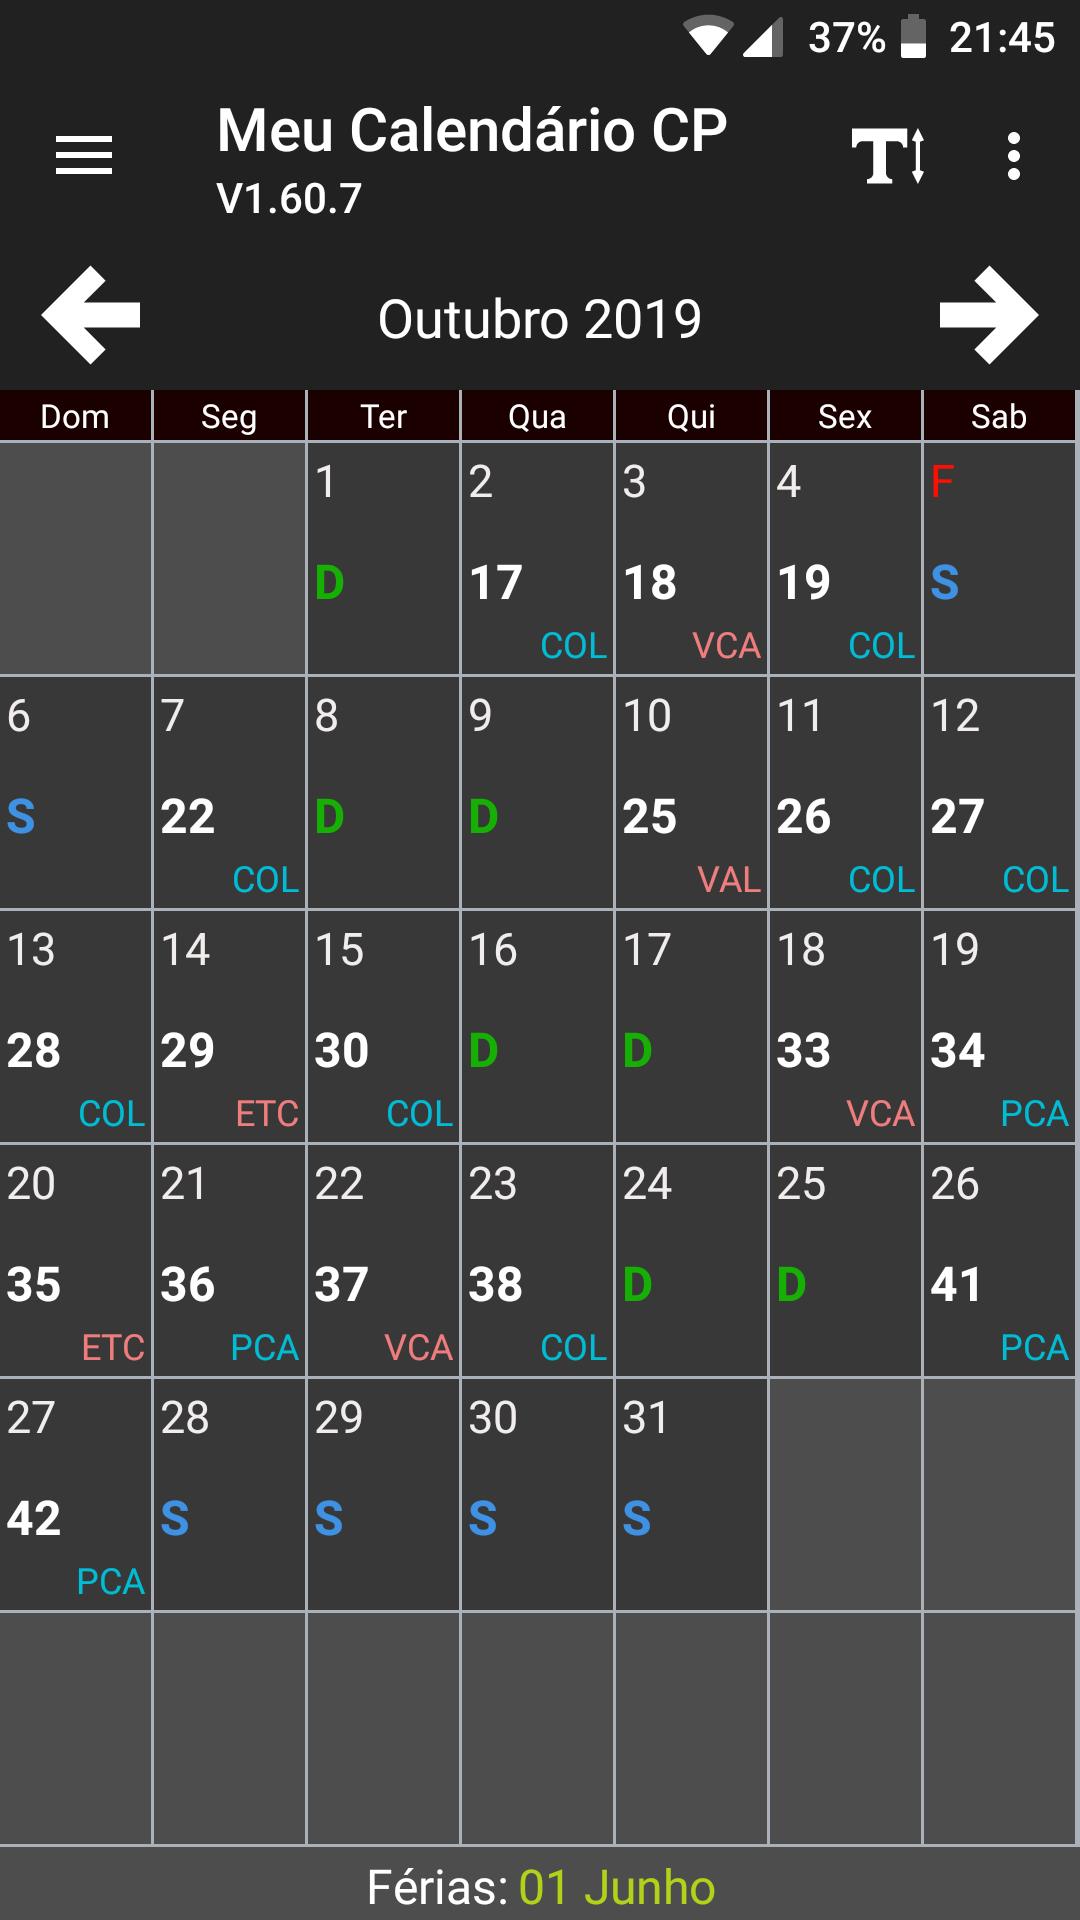 O Meu Calendário